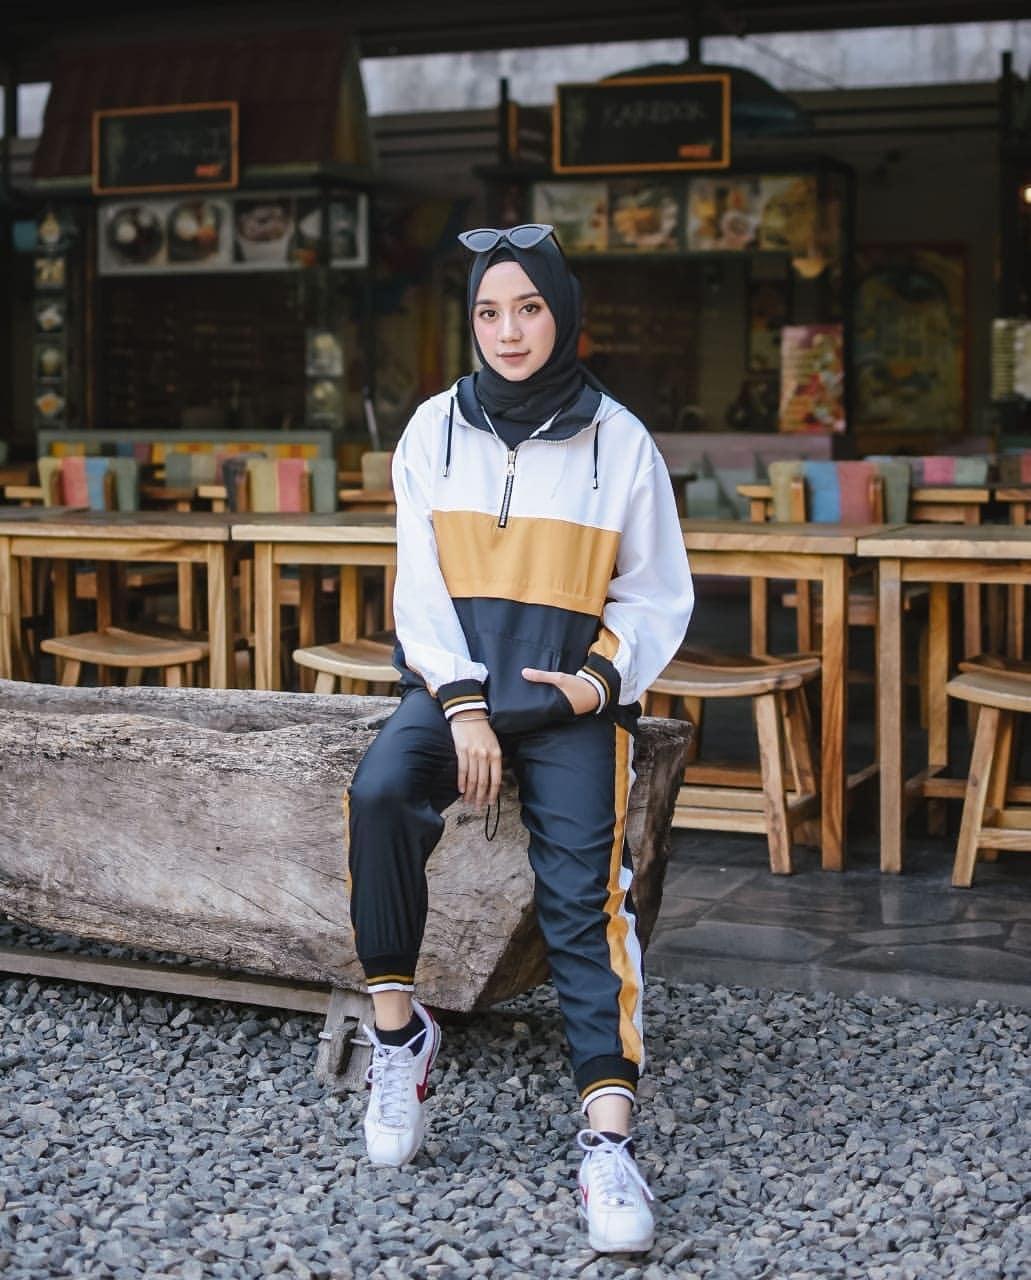 pakaian untuk jogging hijab